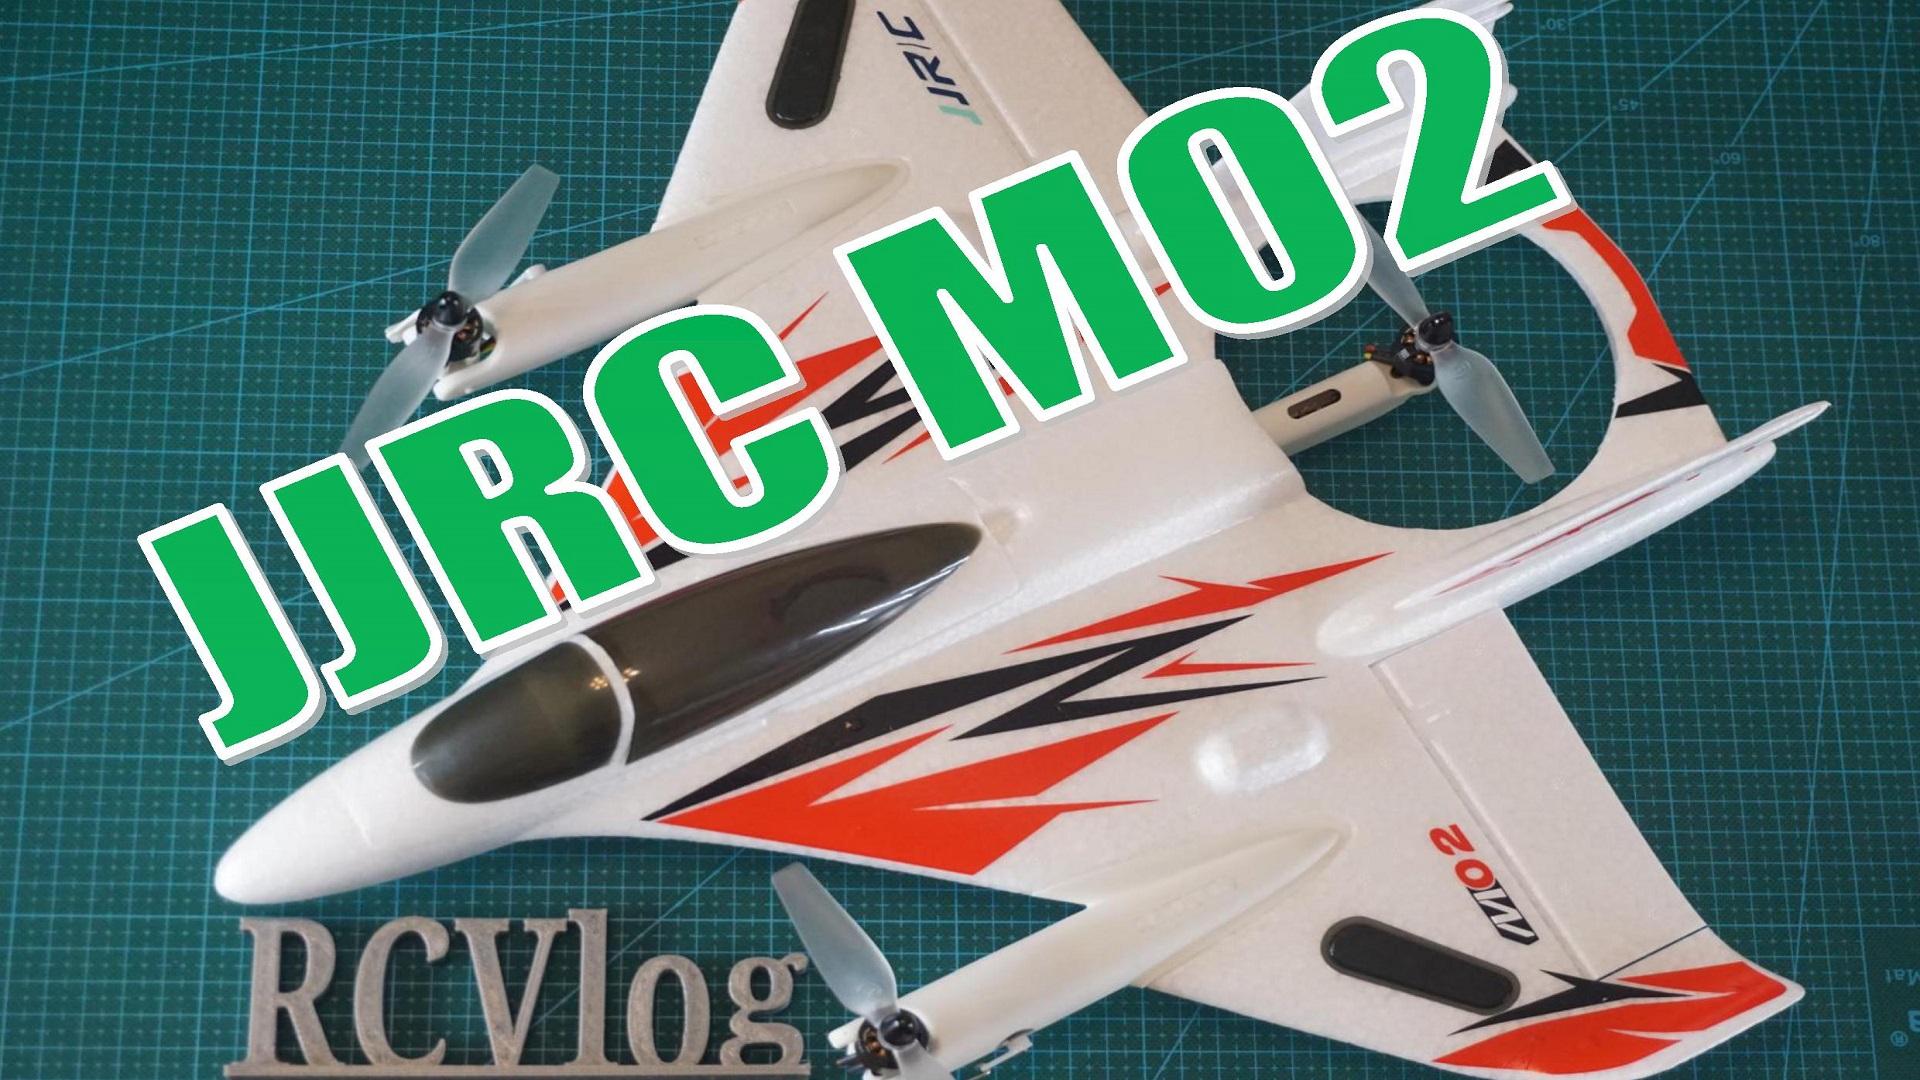 JJRC M02 2.4G 6CH 450mm Wingspan RC Airplane RTF